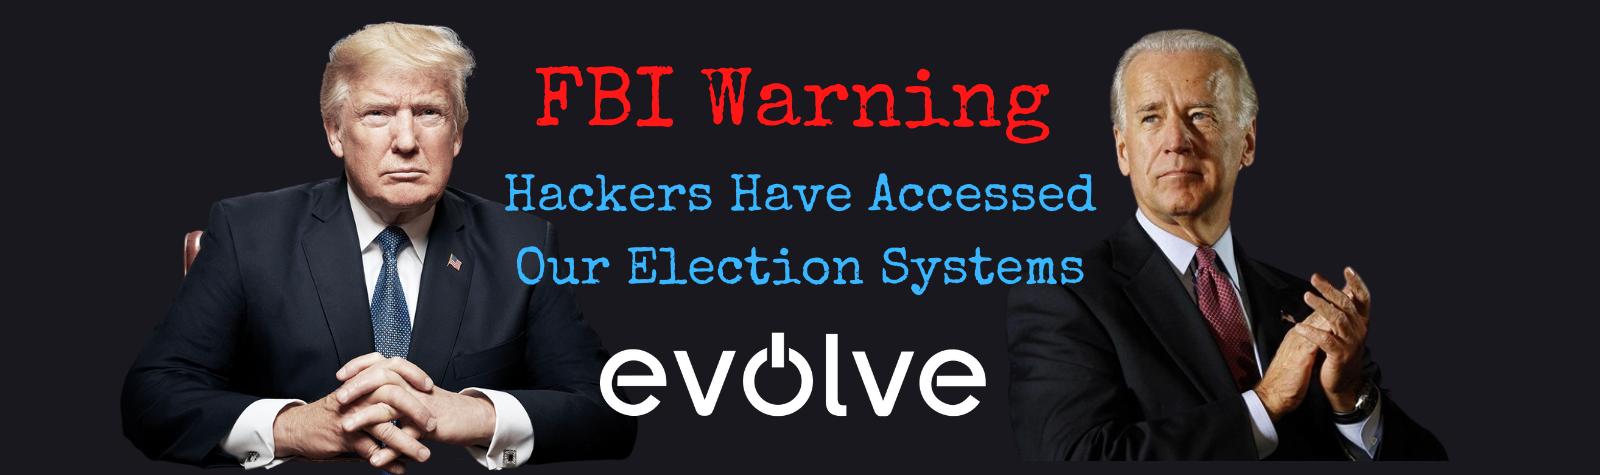 Evolve | FBI, CISA Warning